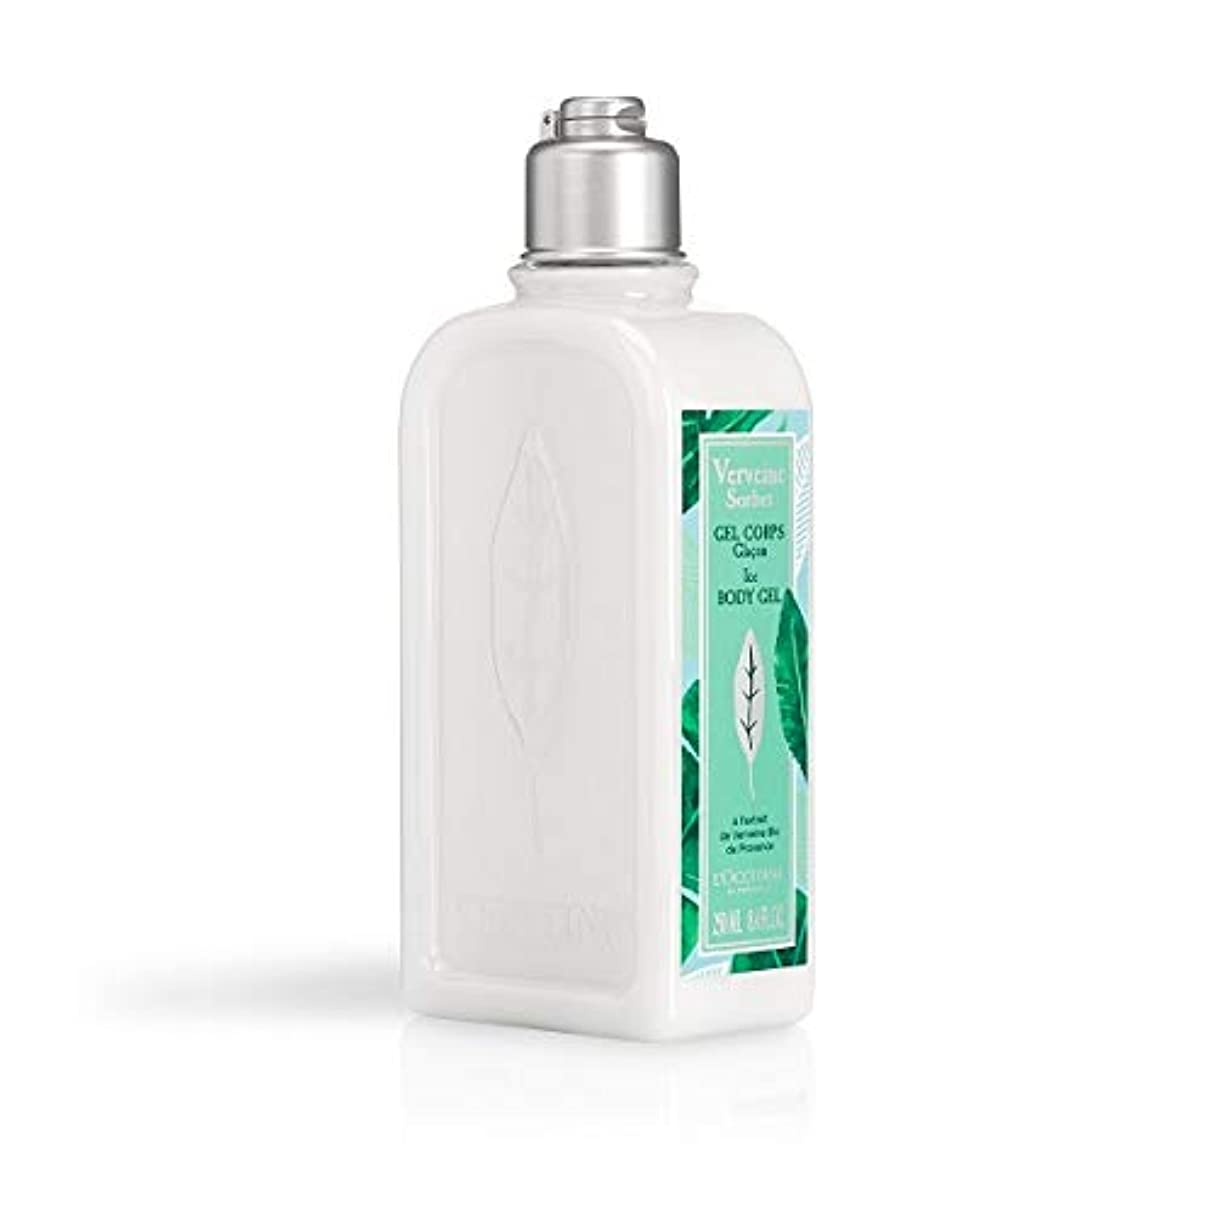 接続費やす輪郭ロクシタン(L'OCCITANE) ミントウ゛ァーベナ ソルベボディジェル 250ml(ボディ用乳液)